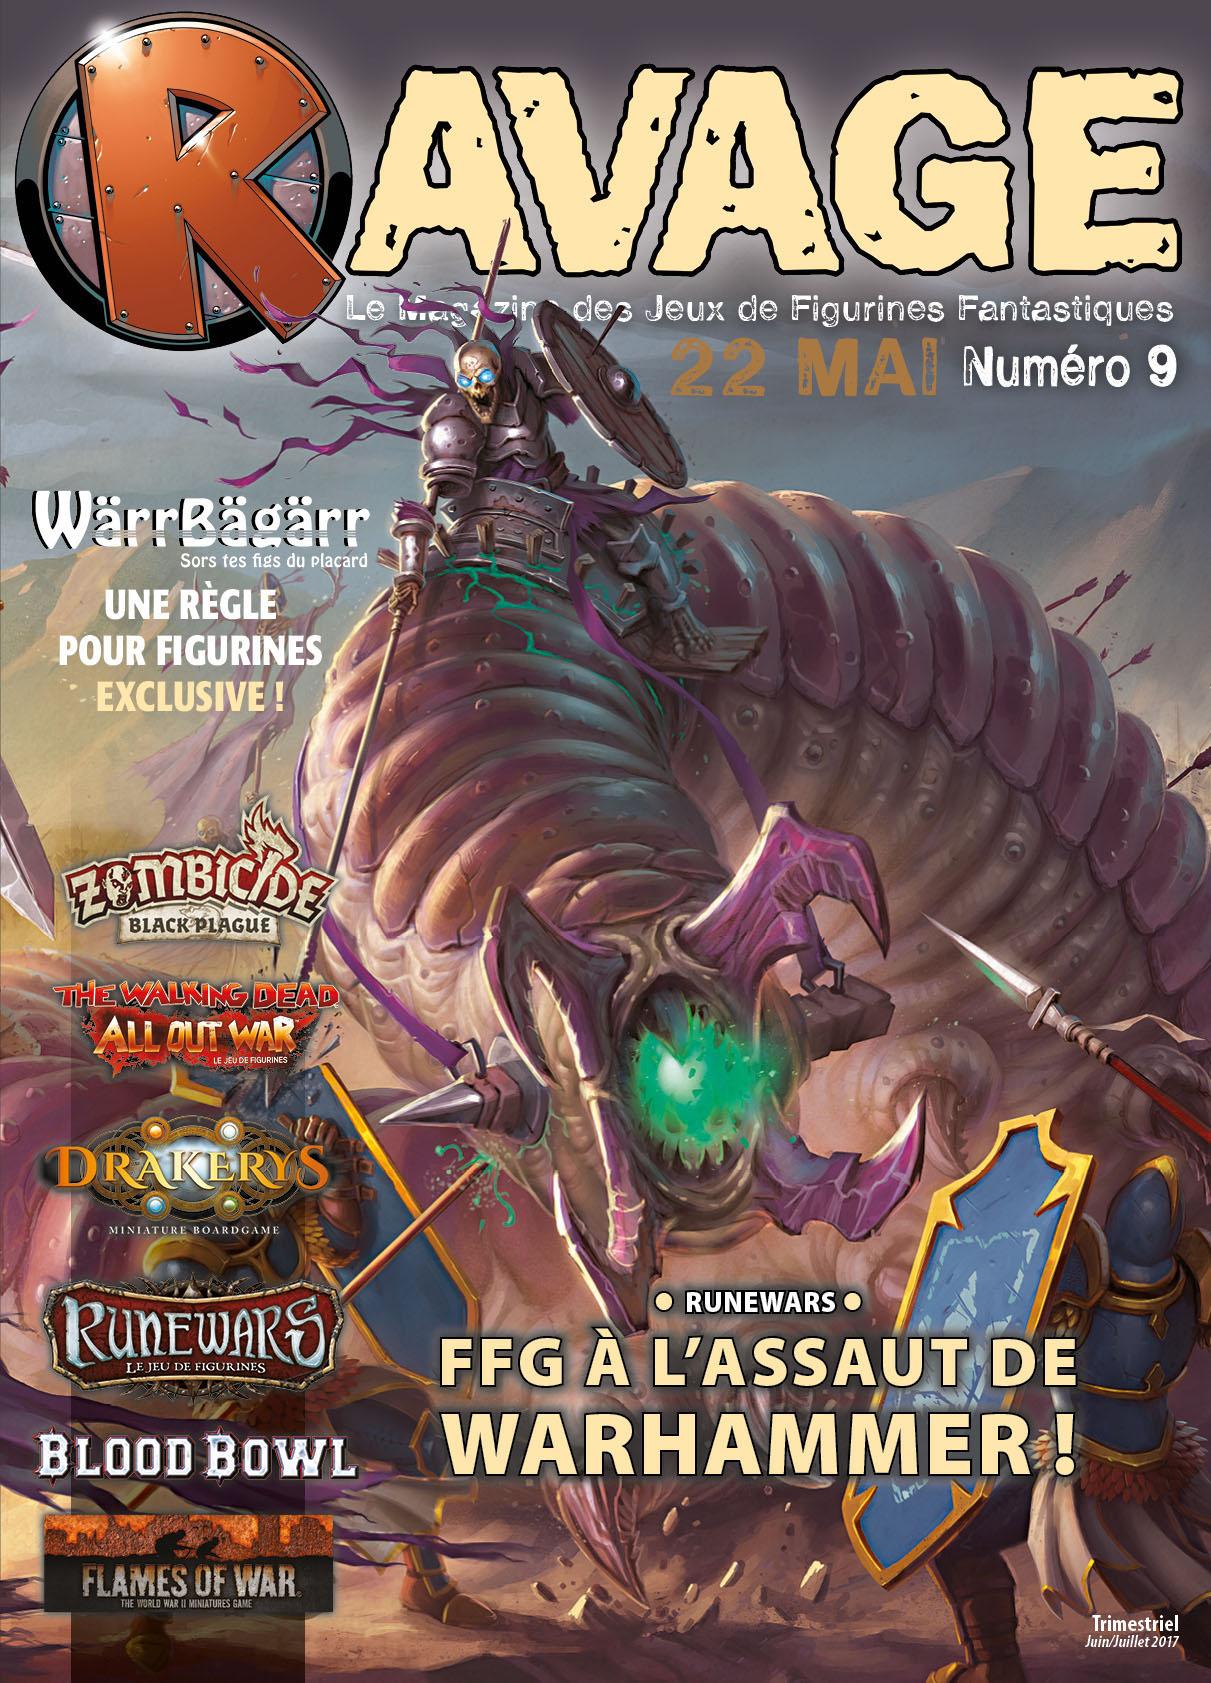 """Résultat de recherche d'images pour """"Ravage magazine 2017"""""""